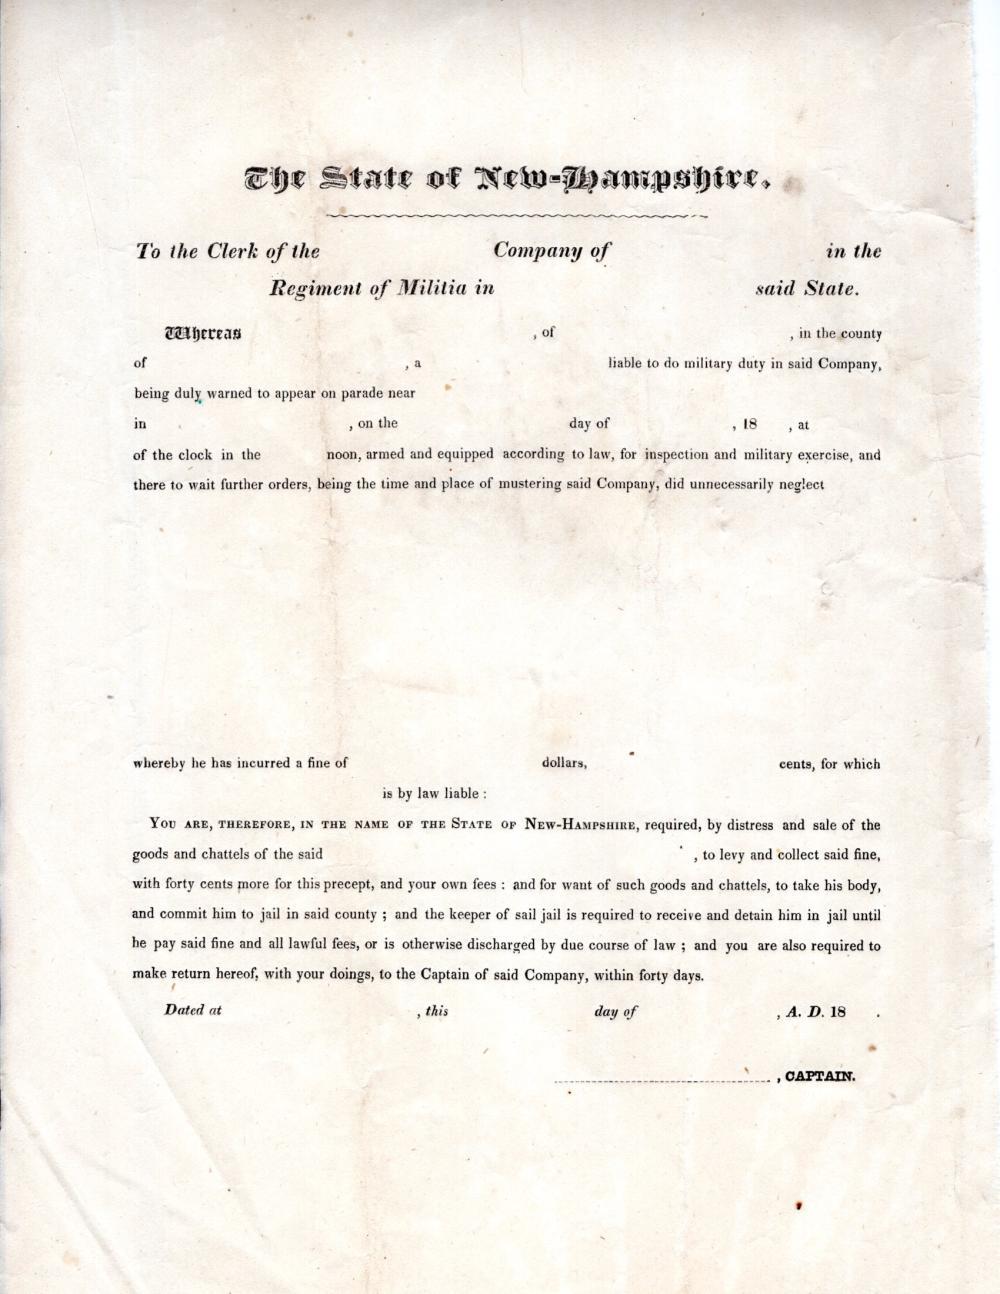 1830 New Hampshire militia form